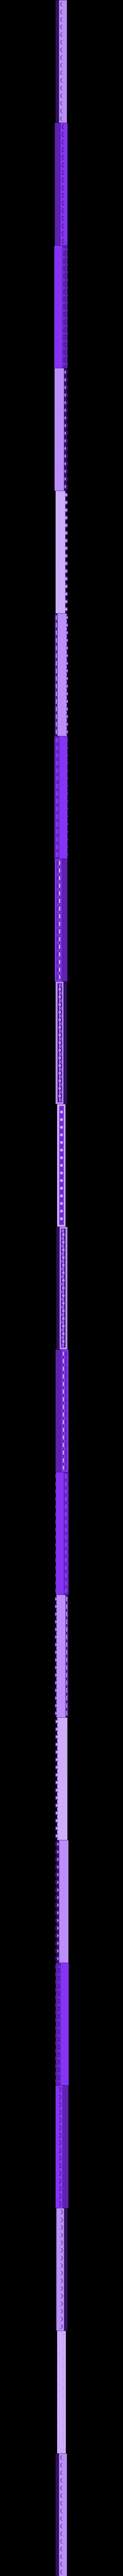 1x16brick_custom.STL Télécharger fichier STL gratuit Blocs de lettres multicolores Lego • Plan pour impression 3D, MosaicManufacturing